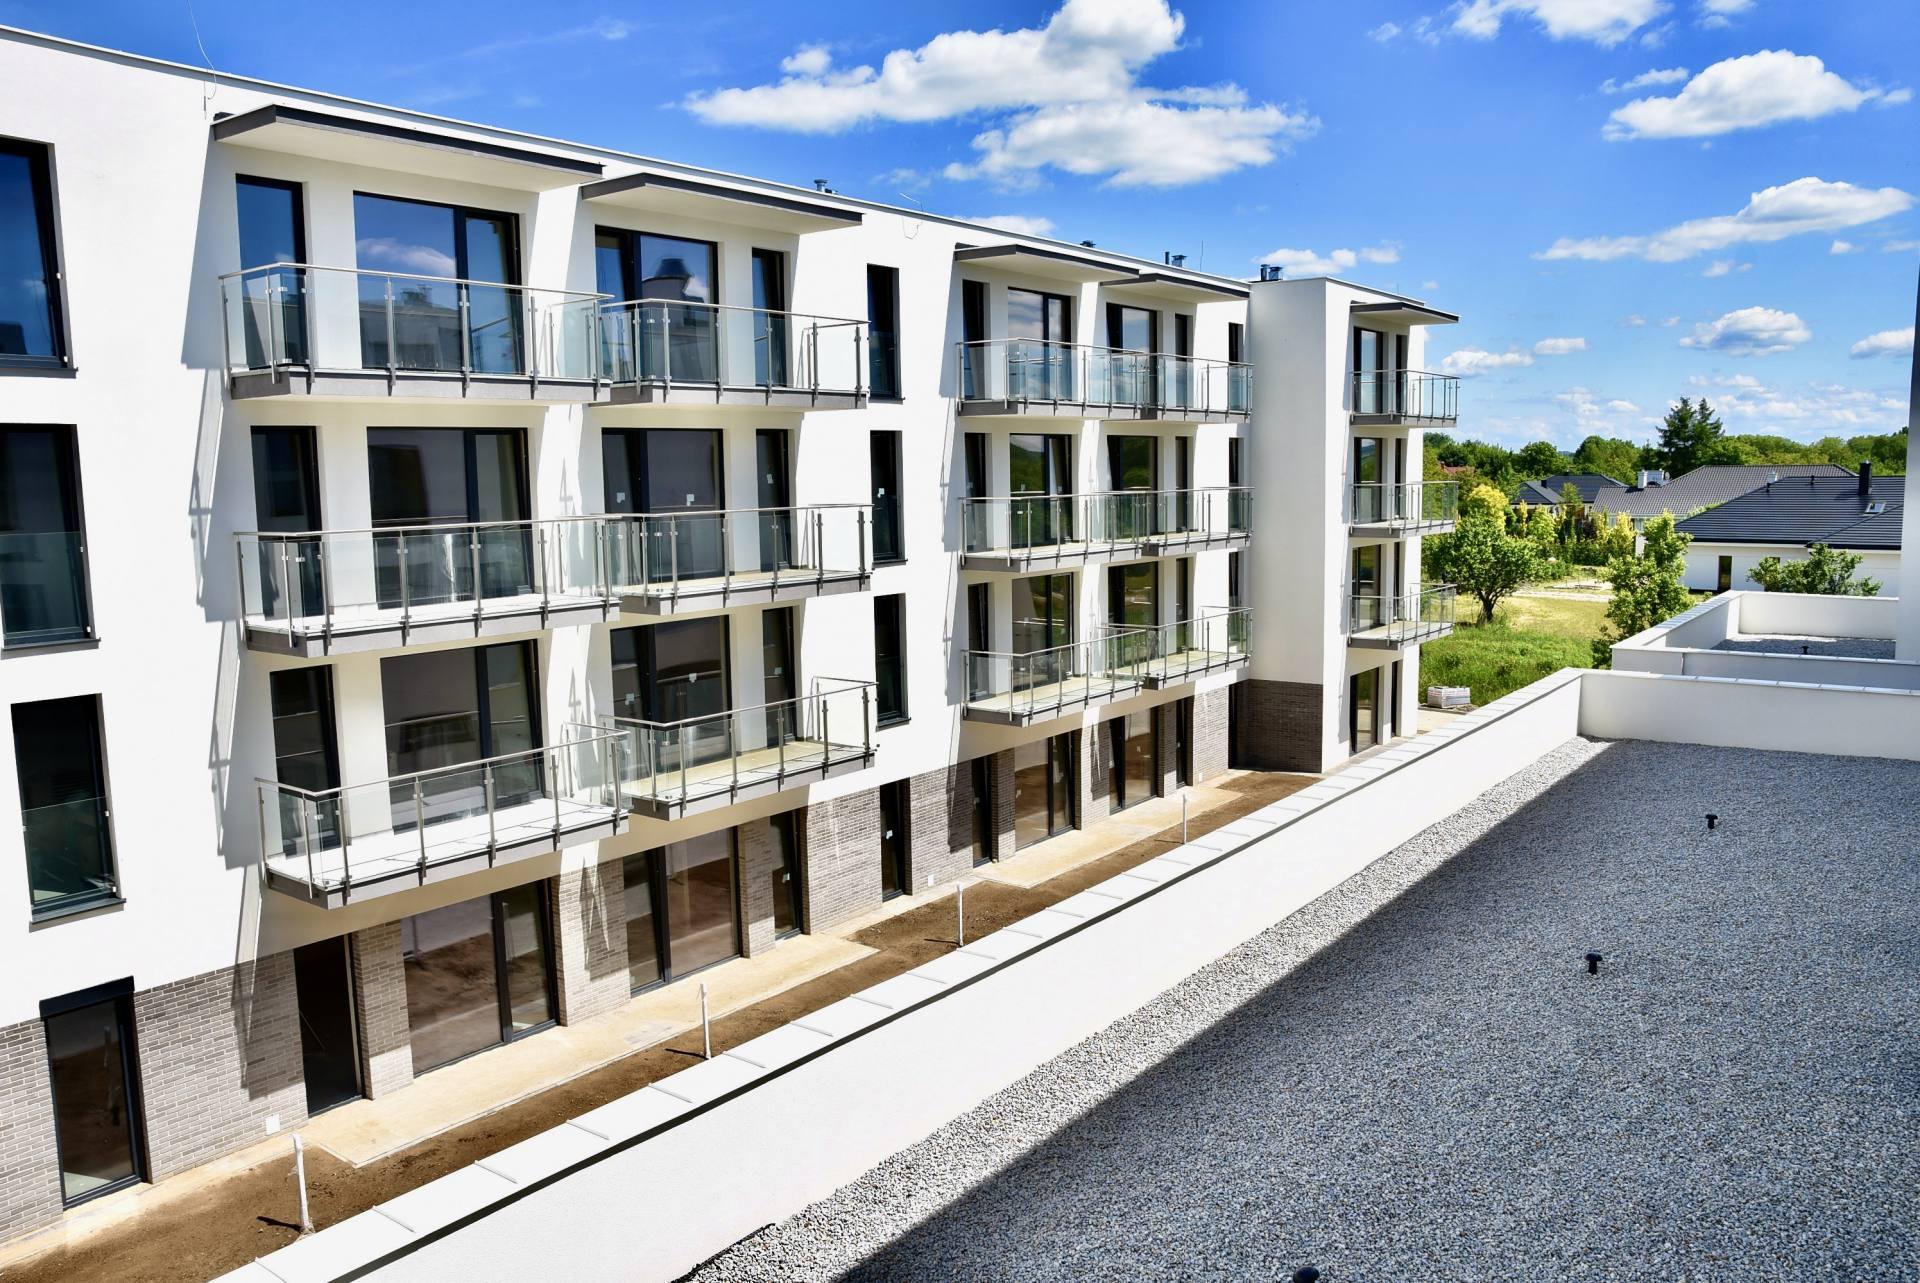 dsc 6061 Trwa sprzedaż mieszkań w II etapie inwestycji Lipska 61